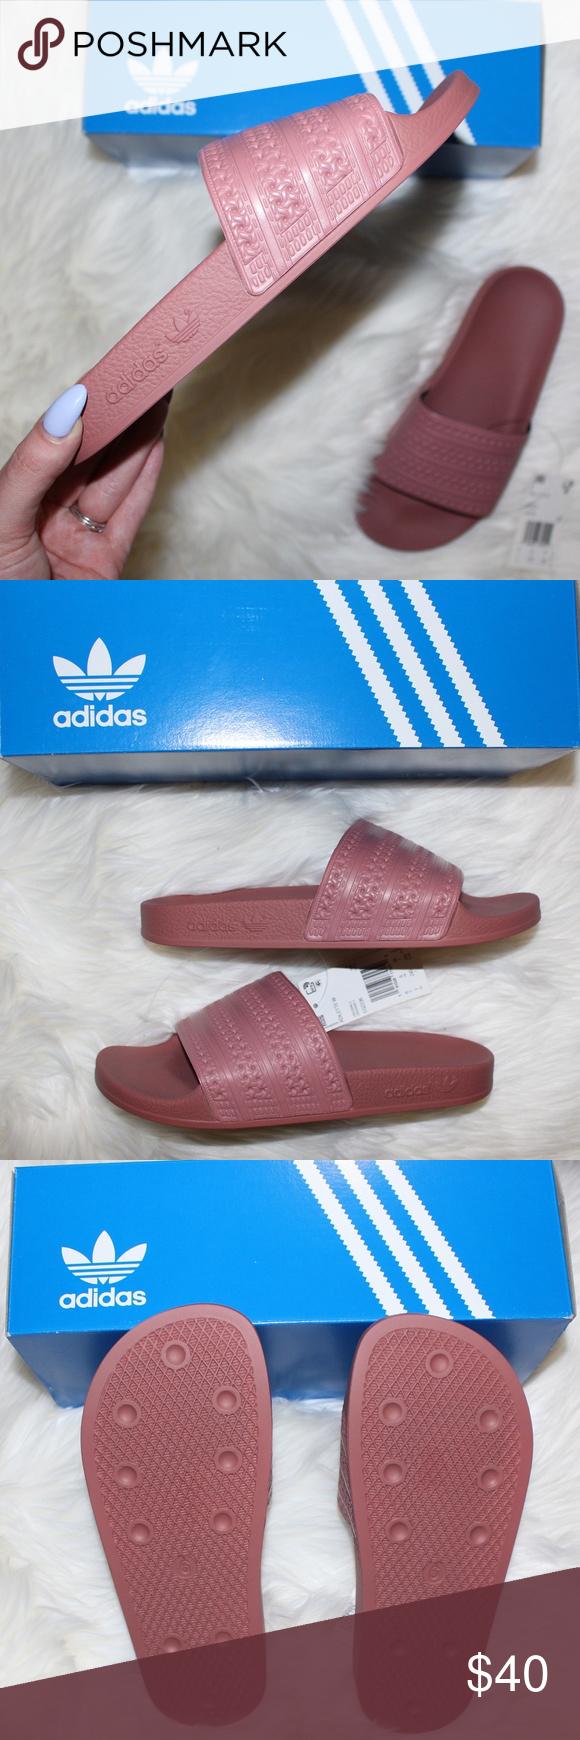 BNIB adidas Originals Adilette Slides